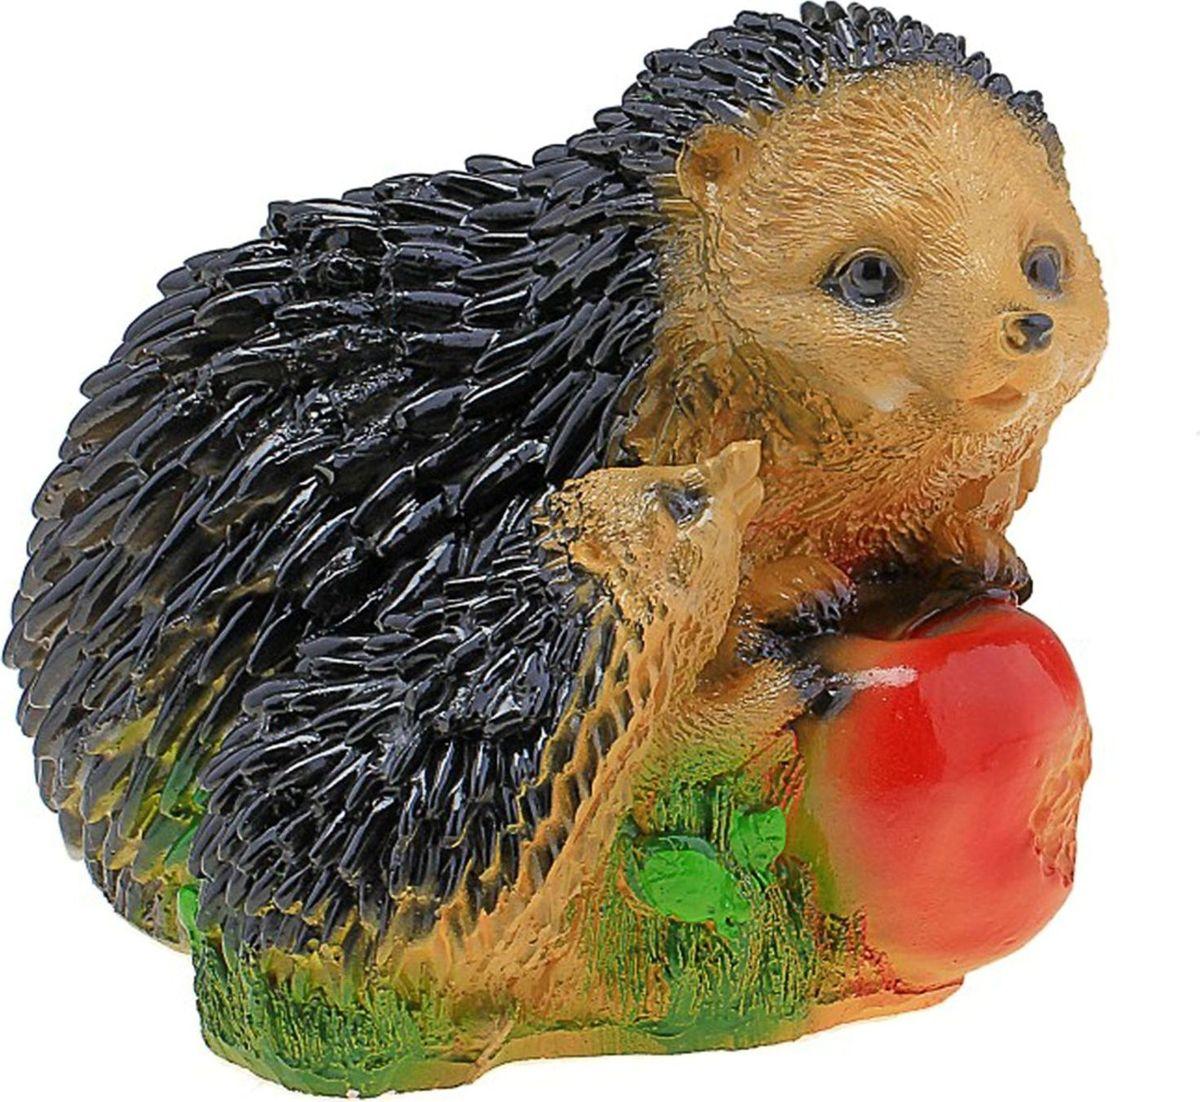 Фигура садовая Ежи с красным яблоком, 19 х 14 х 14 см746136Ёжики придадут саду уюта и очарования. Эти зверьки символизируют запасливость, поэтому непременно помогут вырастить и сохранить богатый урожай. Такой декор выгоднее всего смотрится в траве или под деревьями — в природных местах обитания животных. #name# создаст солнечное настроение даже в пасмурный день и сделает дачный участок оригинальным. Дополните окружающее пространство необычной деталью.